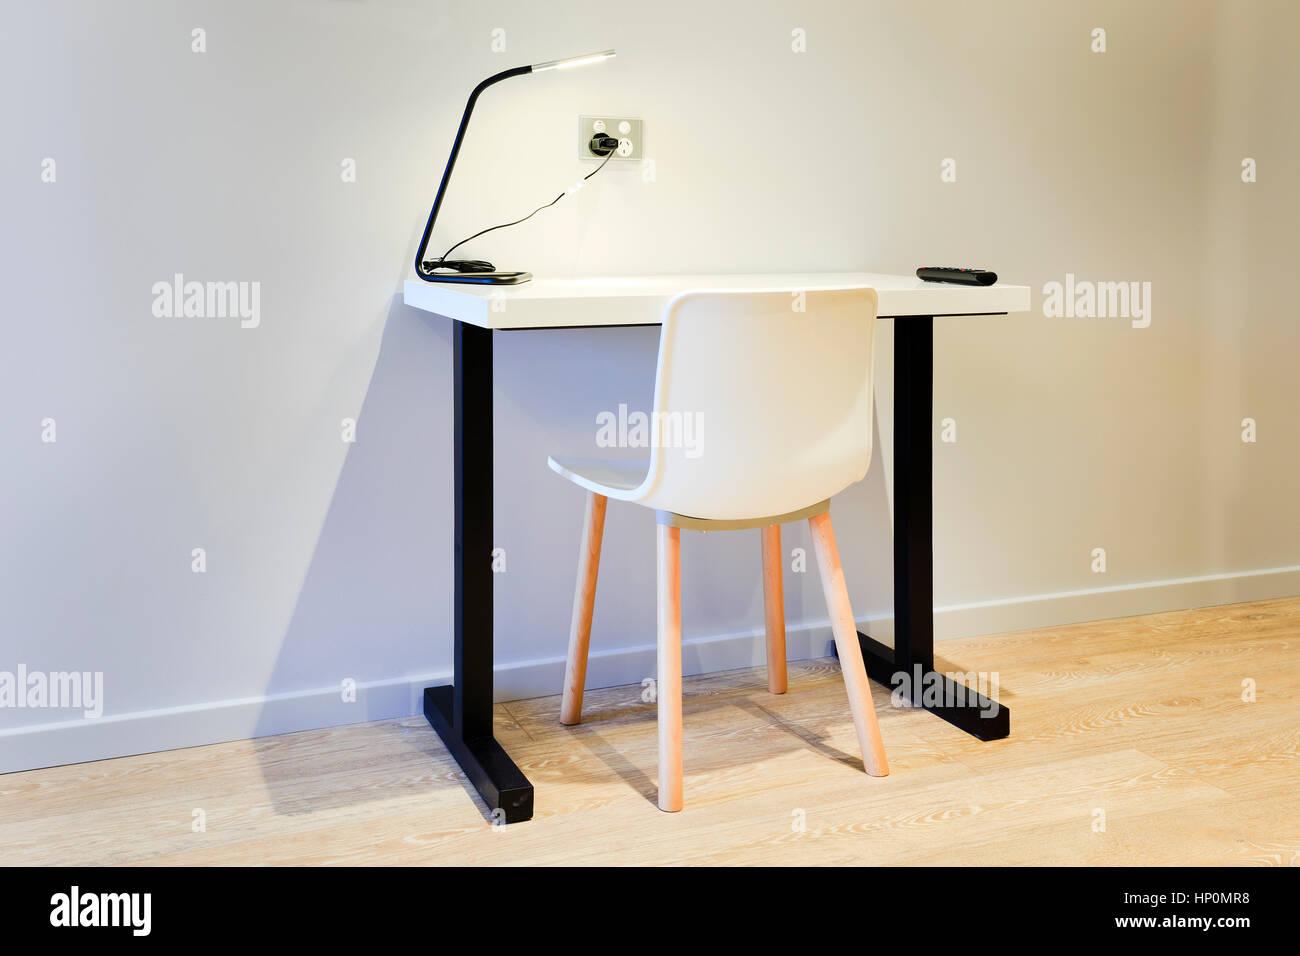 Einzelne Moderne Kompakte Studie Computerschreibtisch Und Stuhl Für